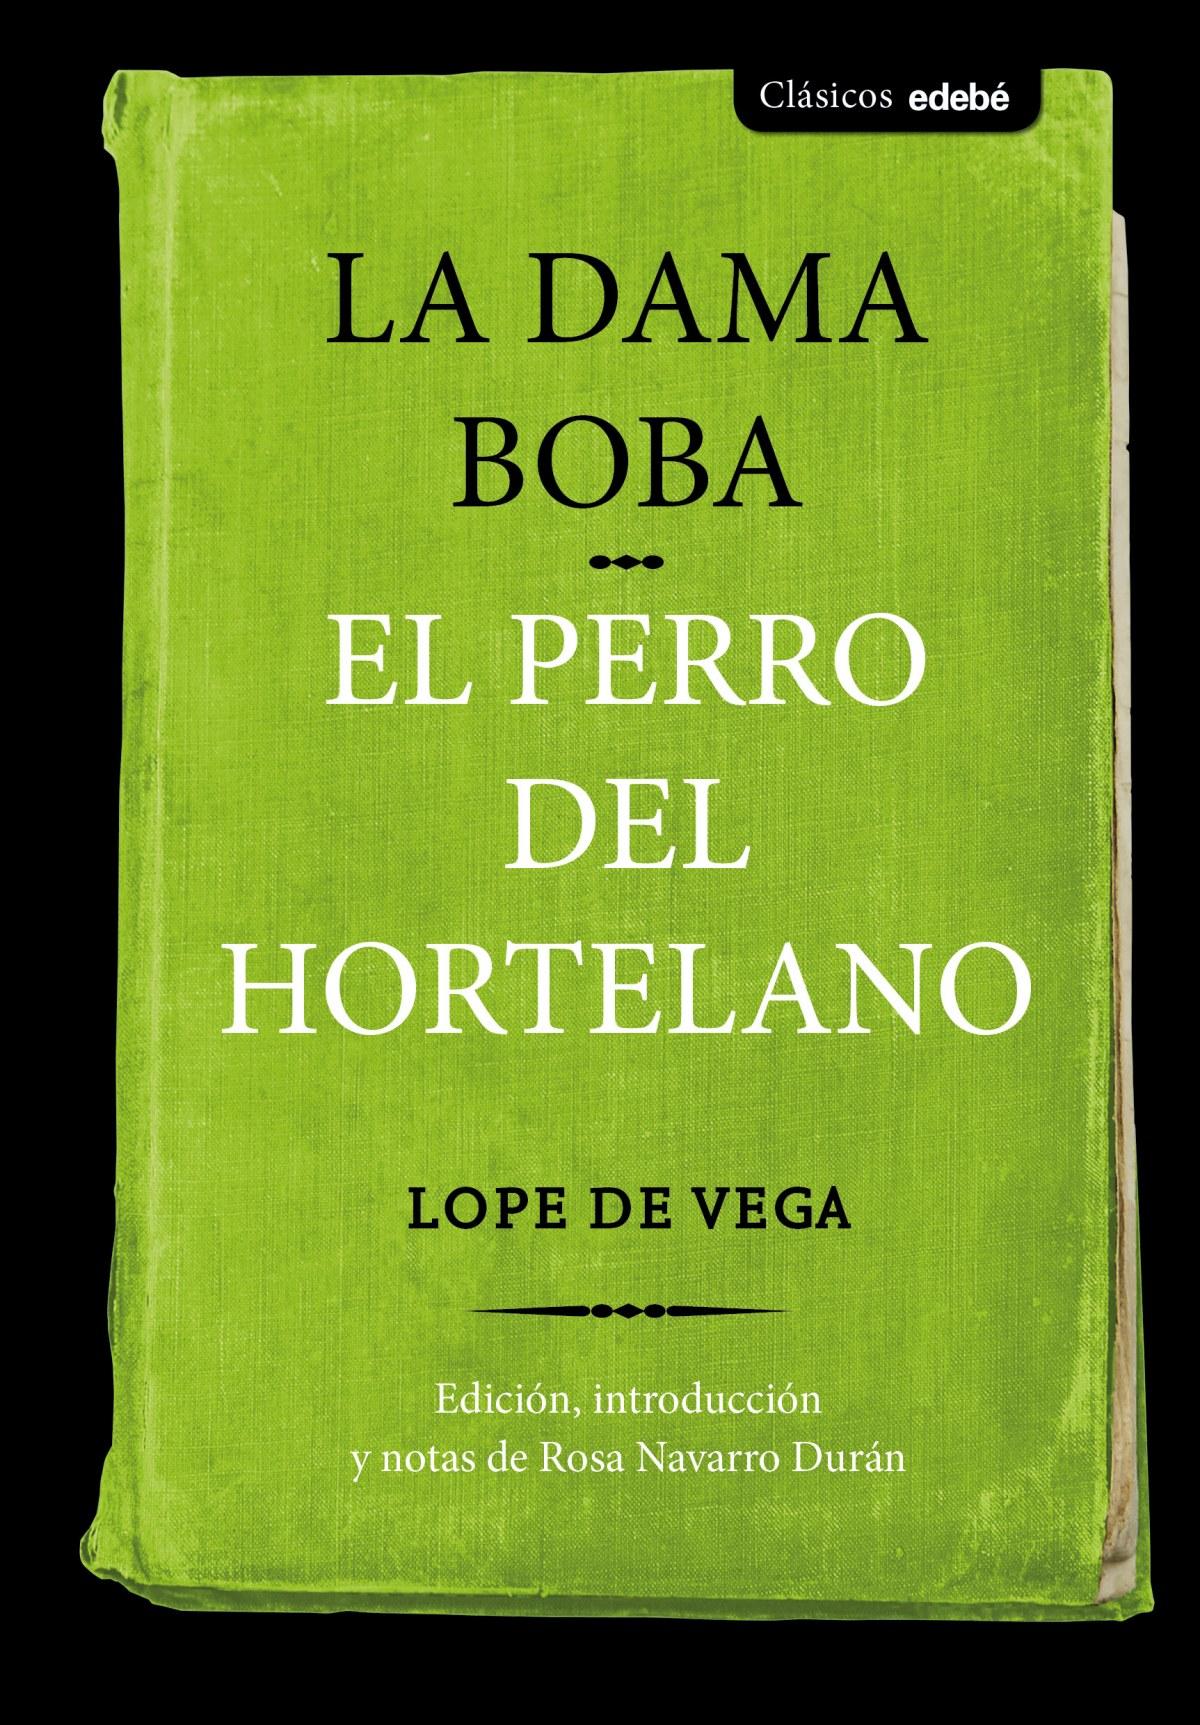 LA DAMA BOBA / EL PERRO DEL HORTELANO 9788468336084